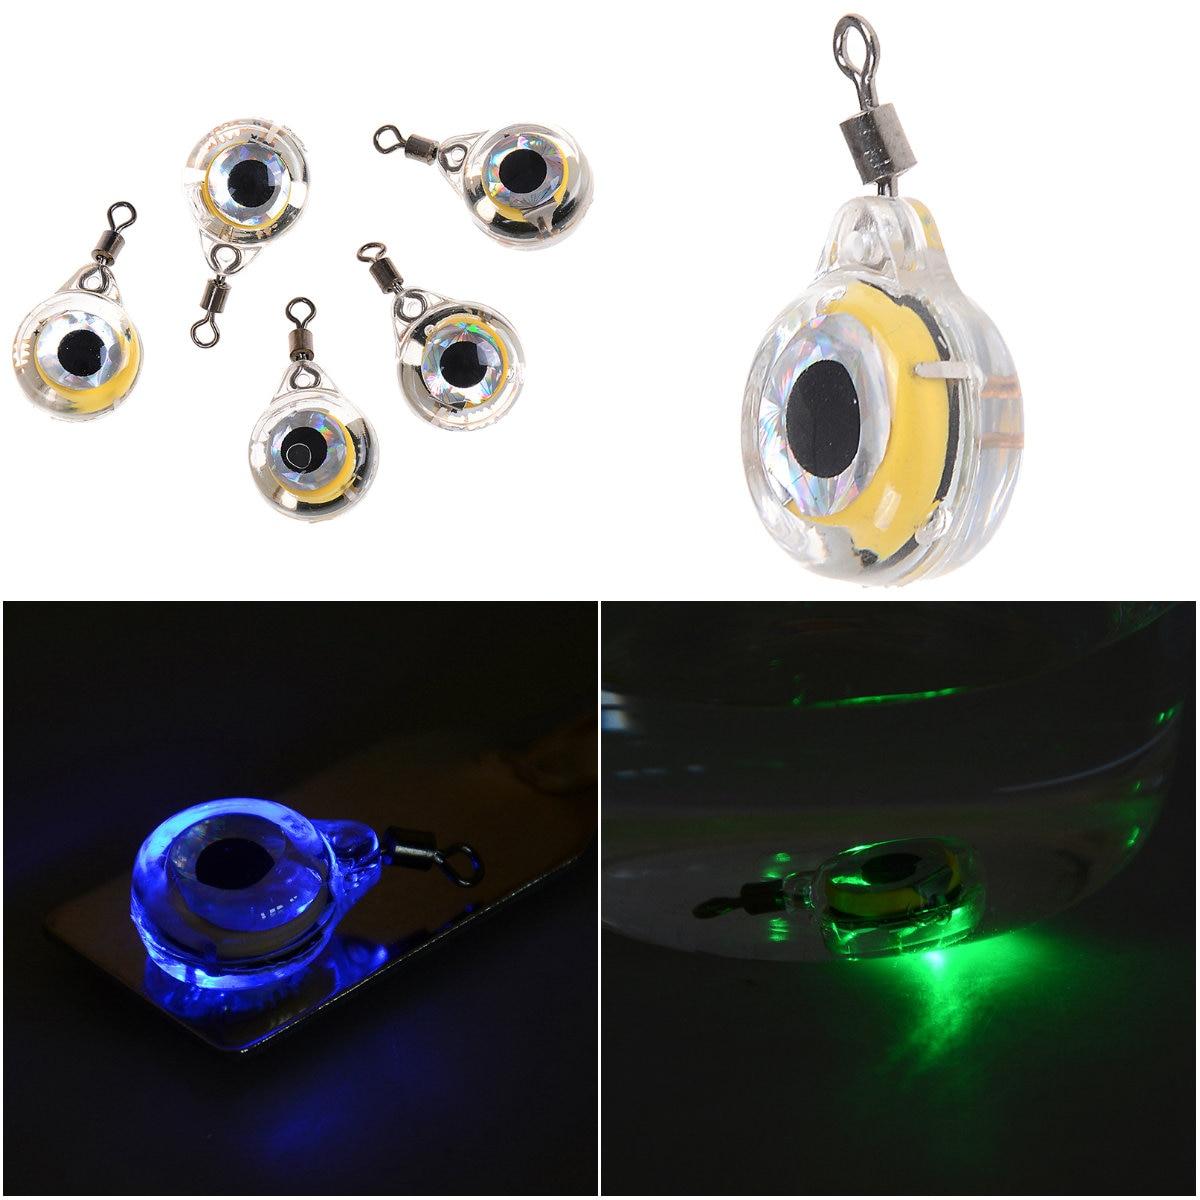 Светодиодная подводная приманка с глубокими каплями для подводных глаз, 1 шт. для рыбалки